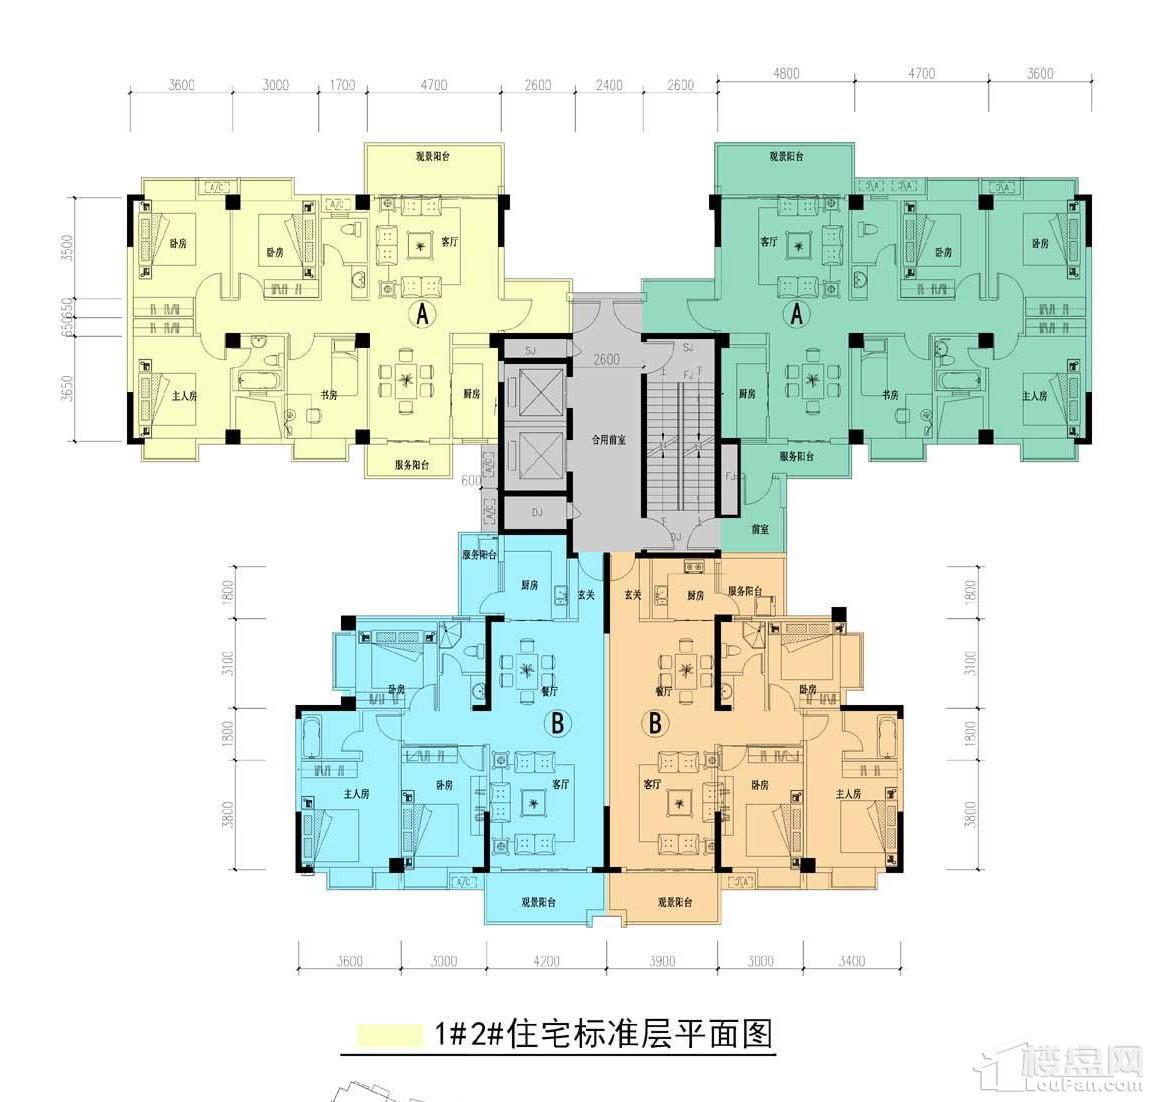 中耀·林溪湾1#2#栋户型图